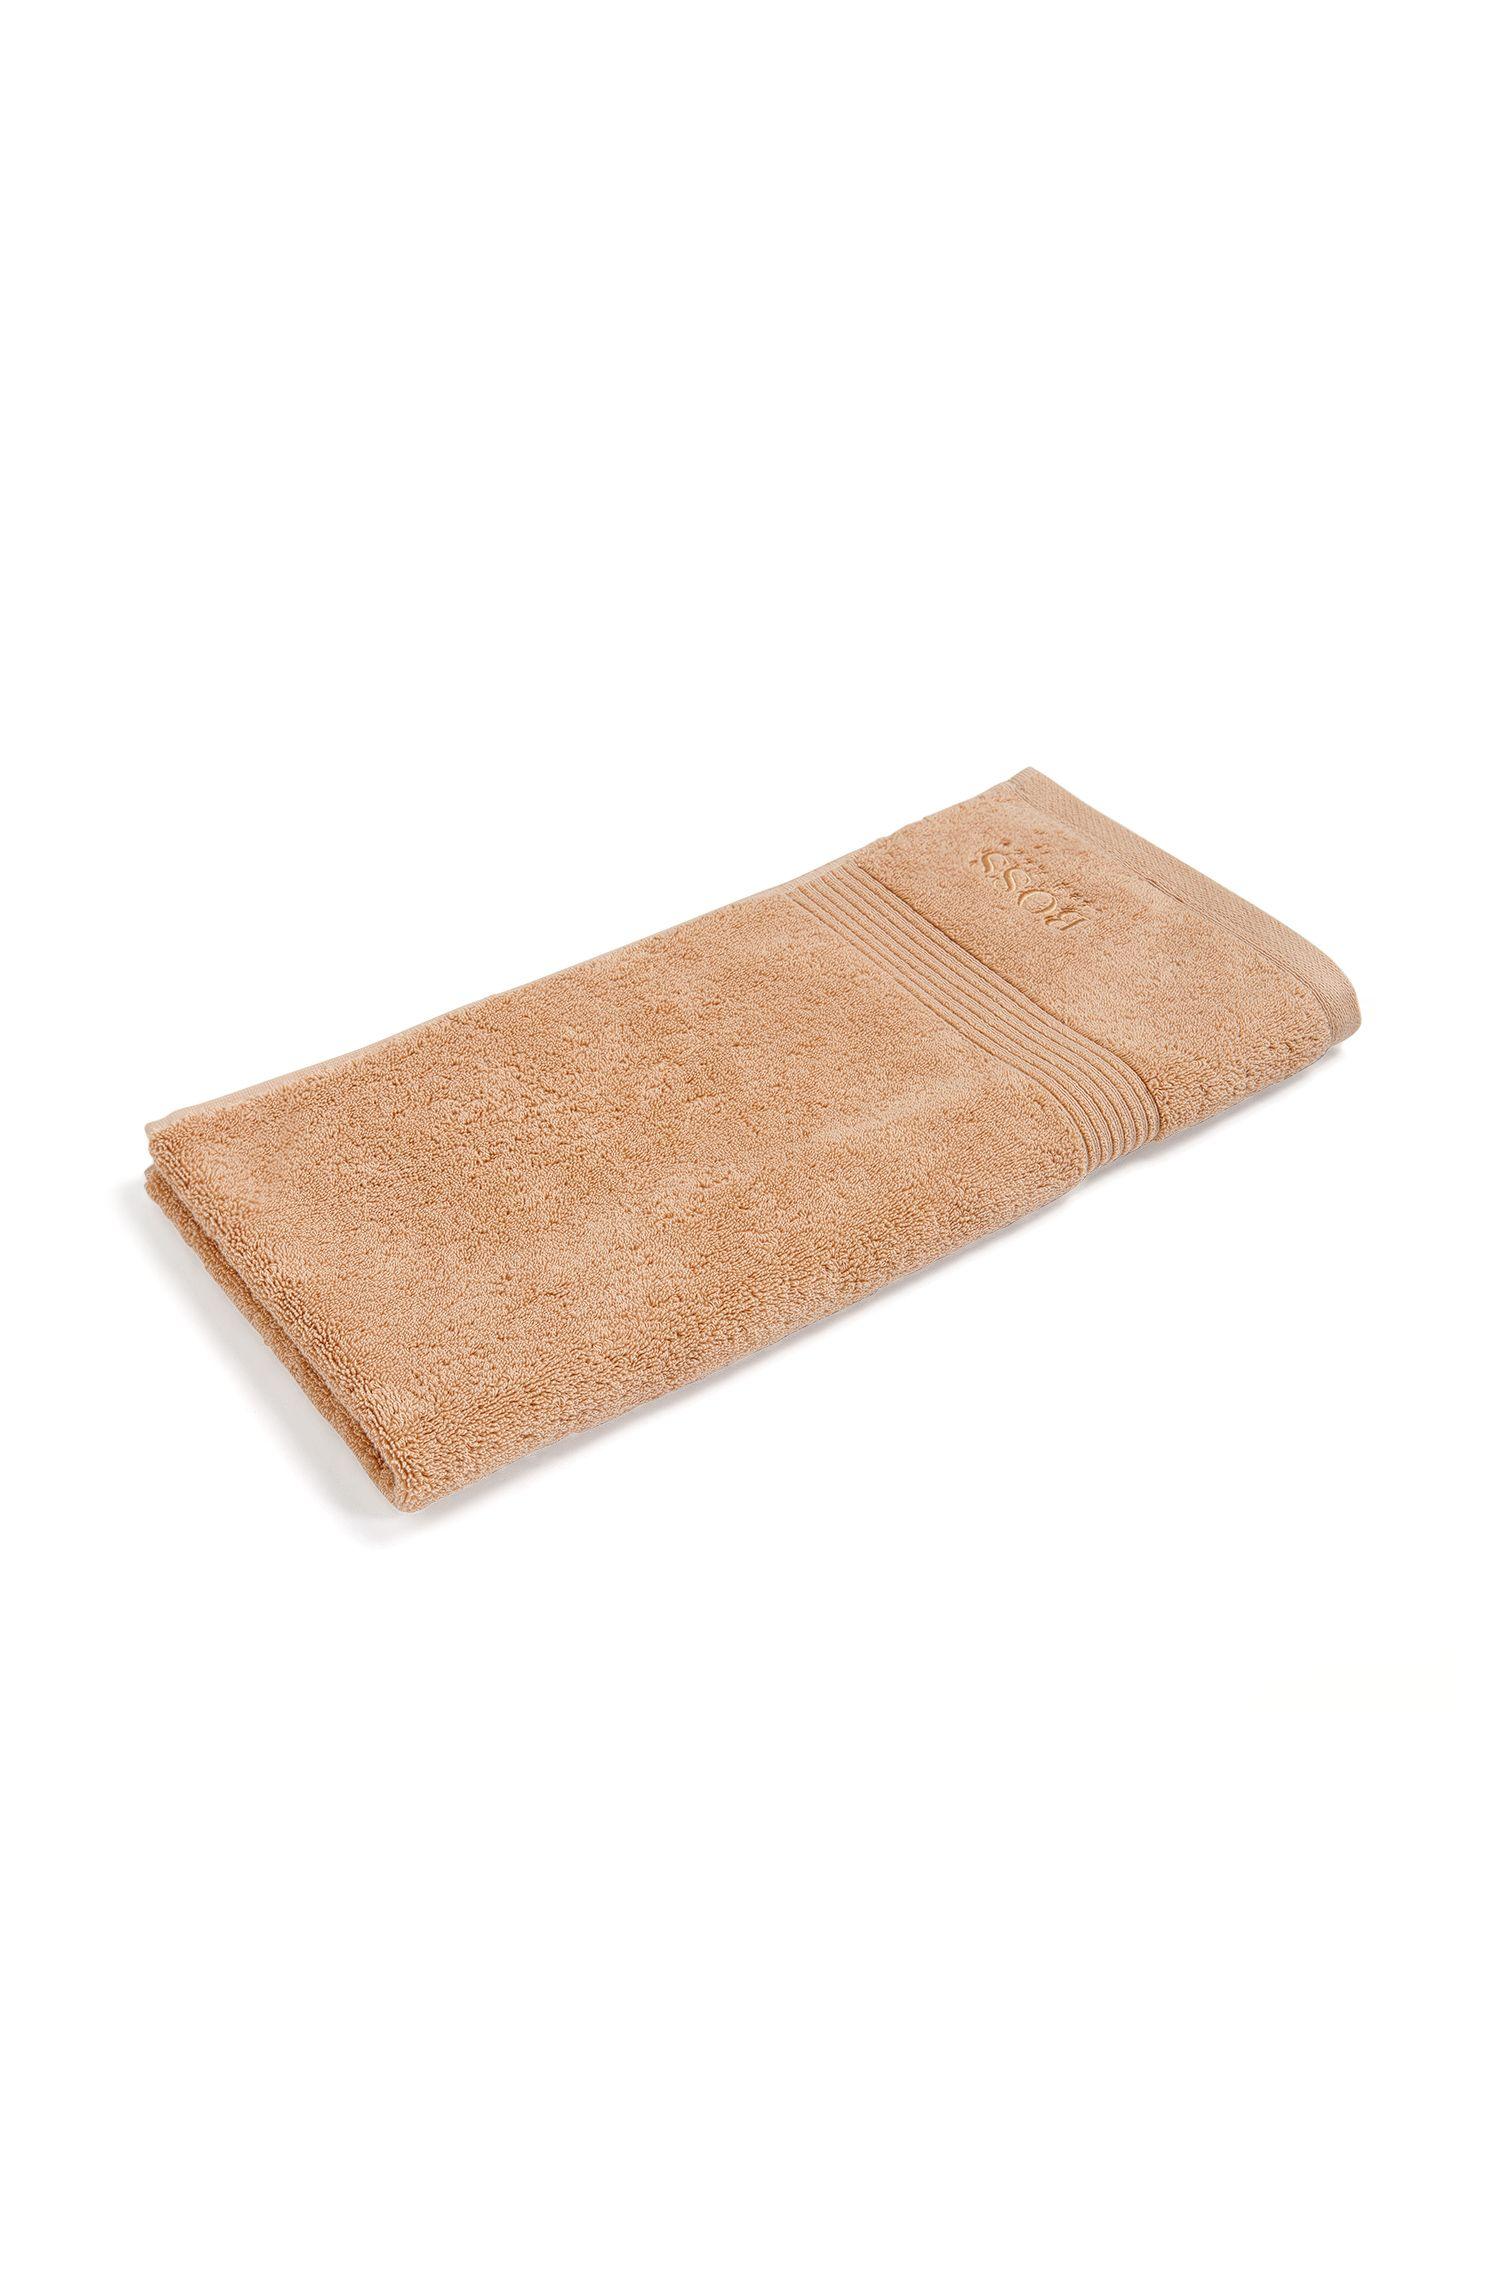 Handdoek van gekamde Egeïsche katoen met geribde rand, Beige